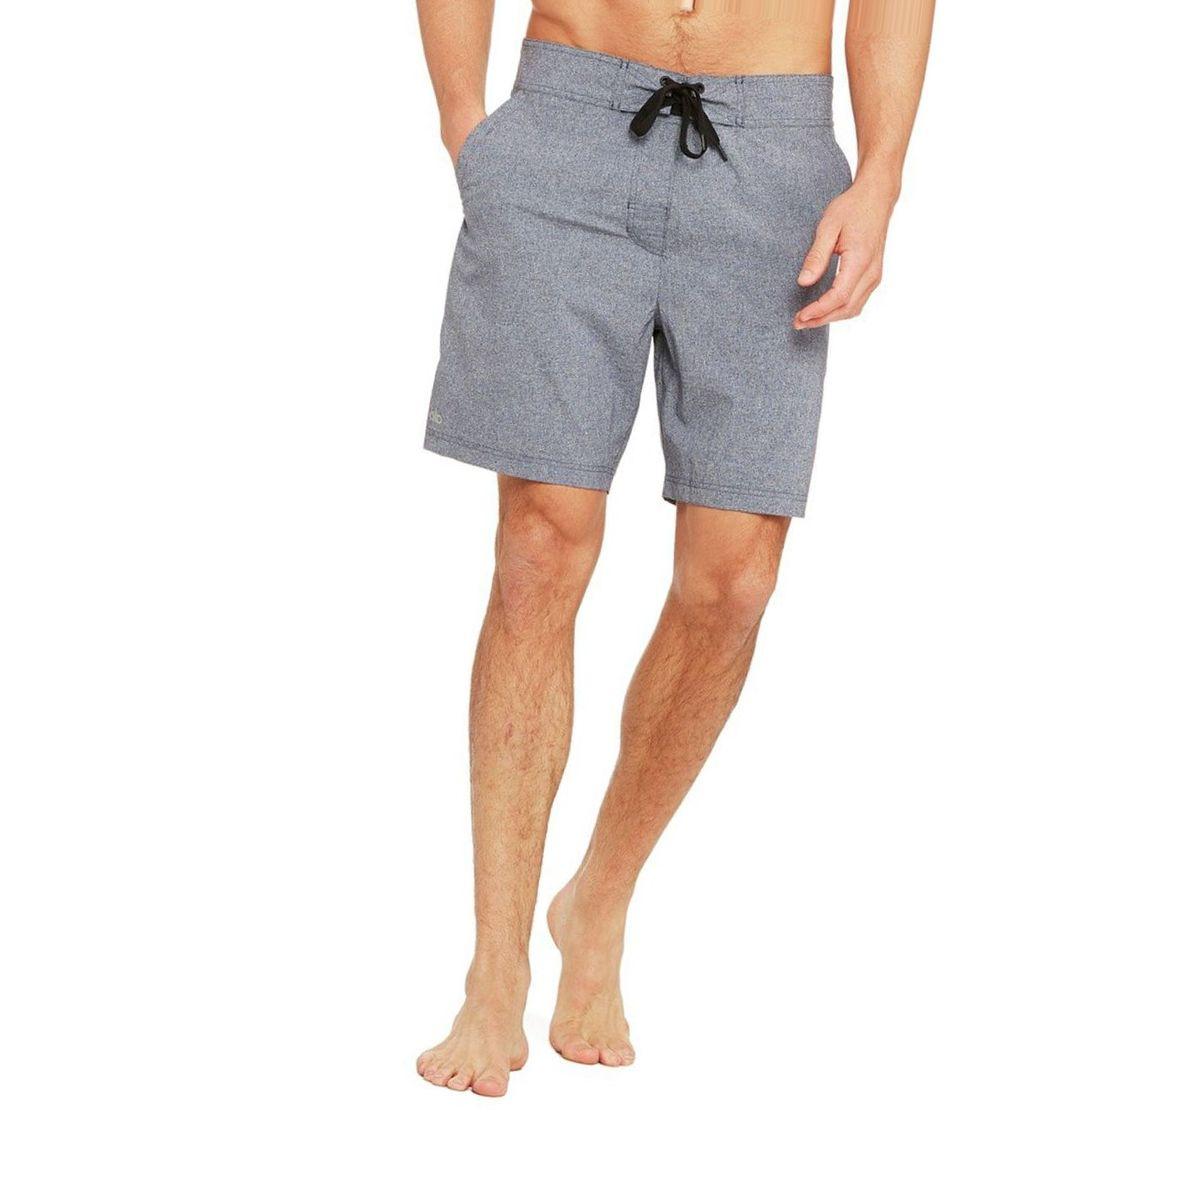 Alo Yoga Plow Board Short - Men's